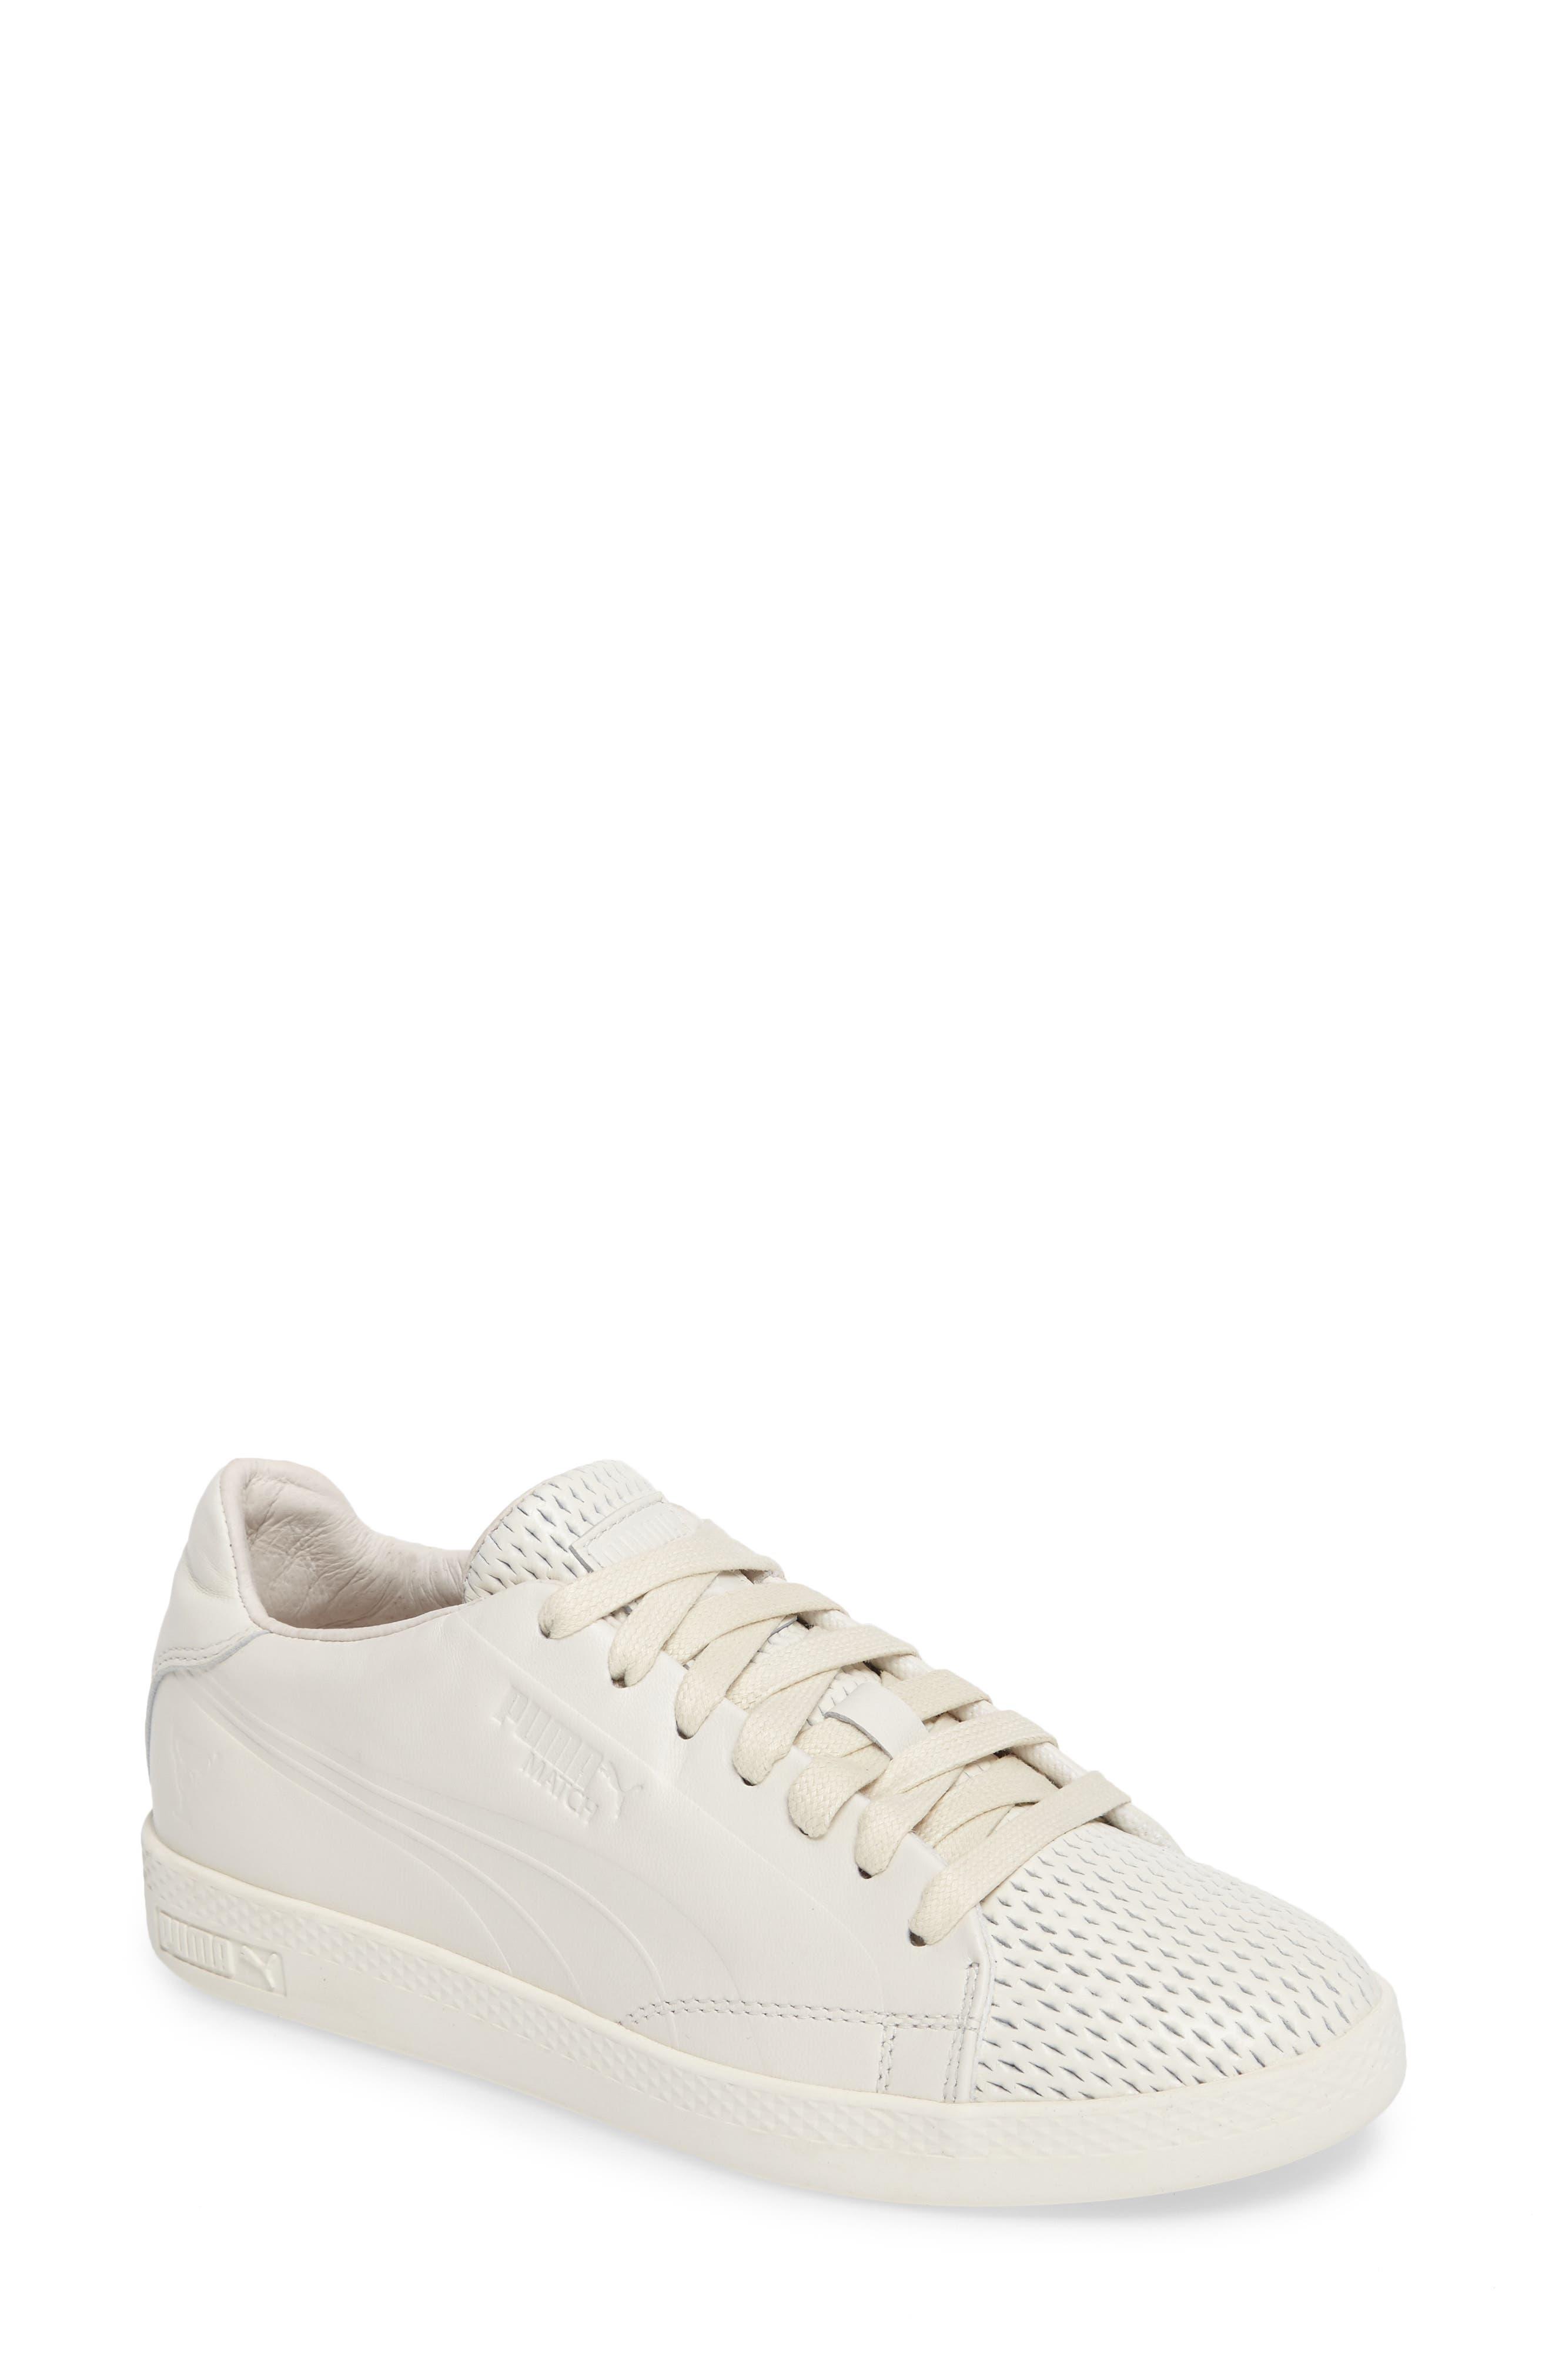 Match Lo Open Sneaker,                         Main,                         color, Whisper White/ Whisper White